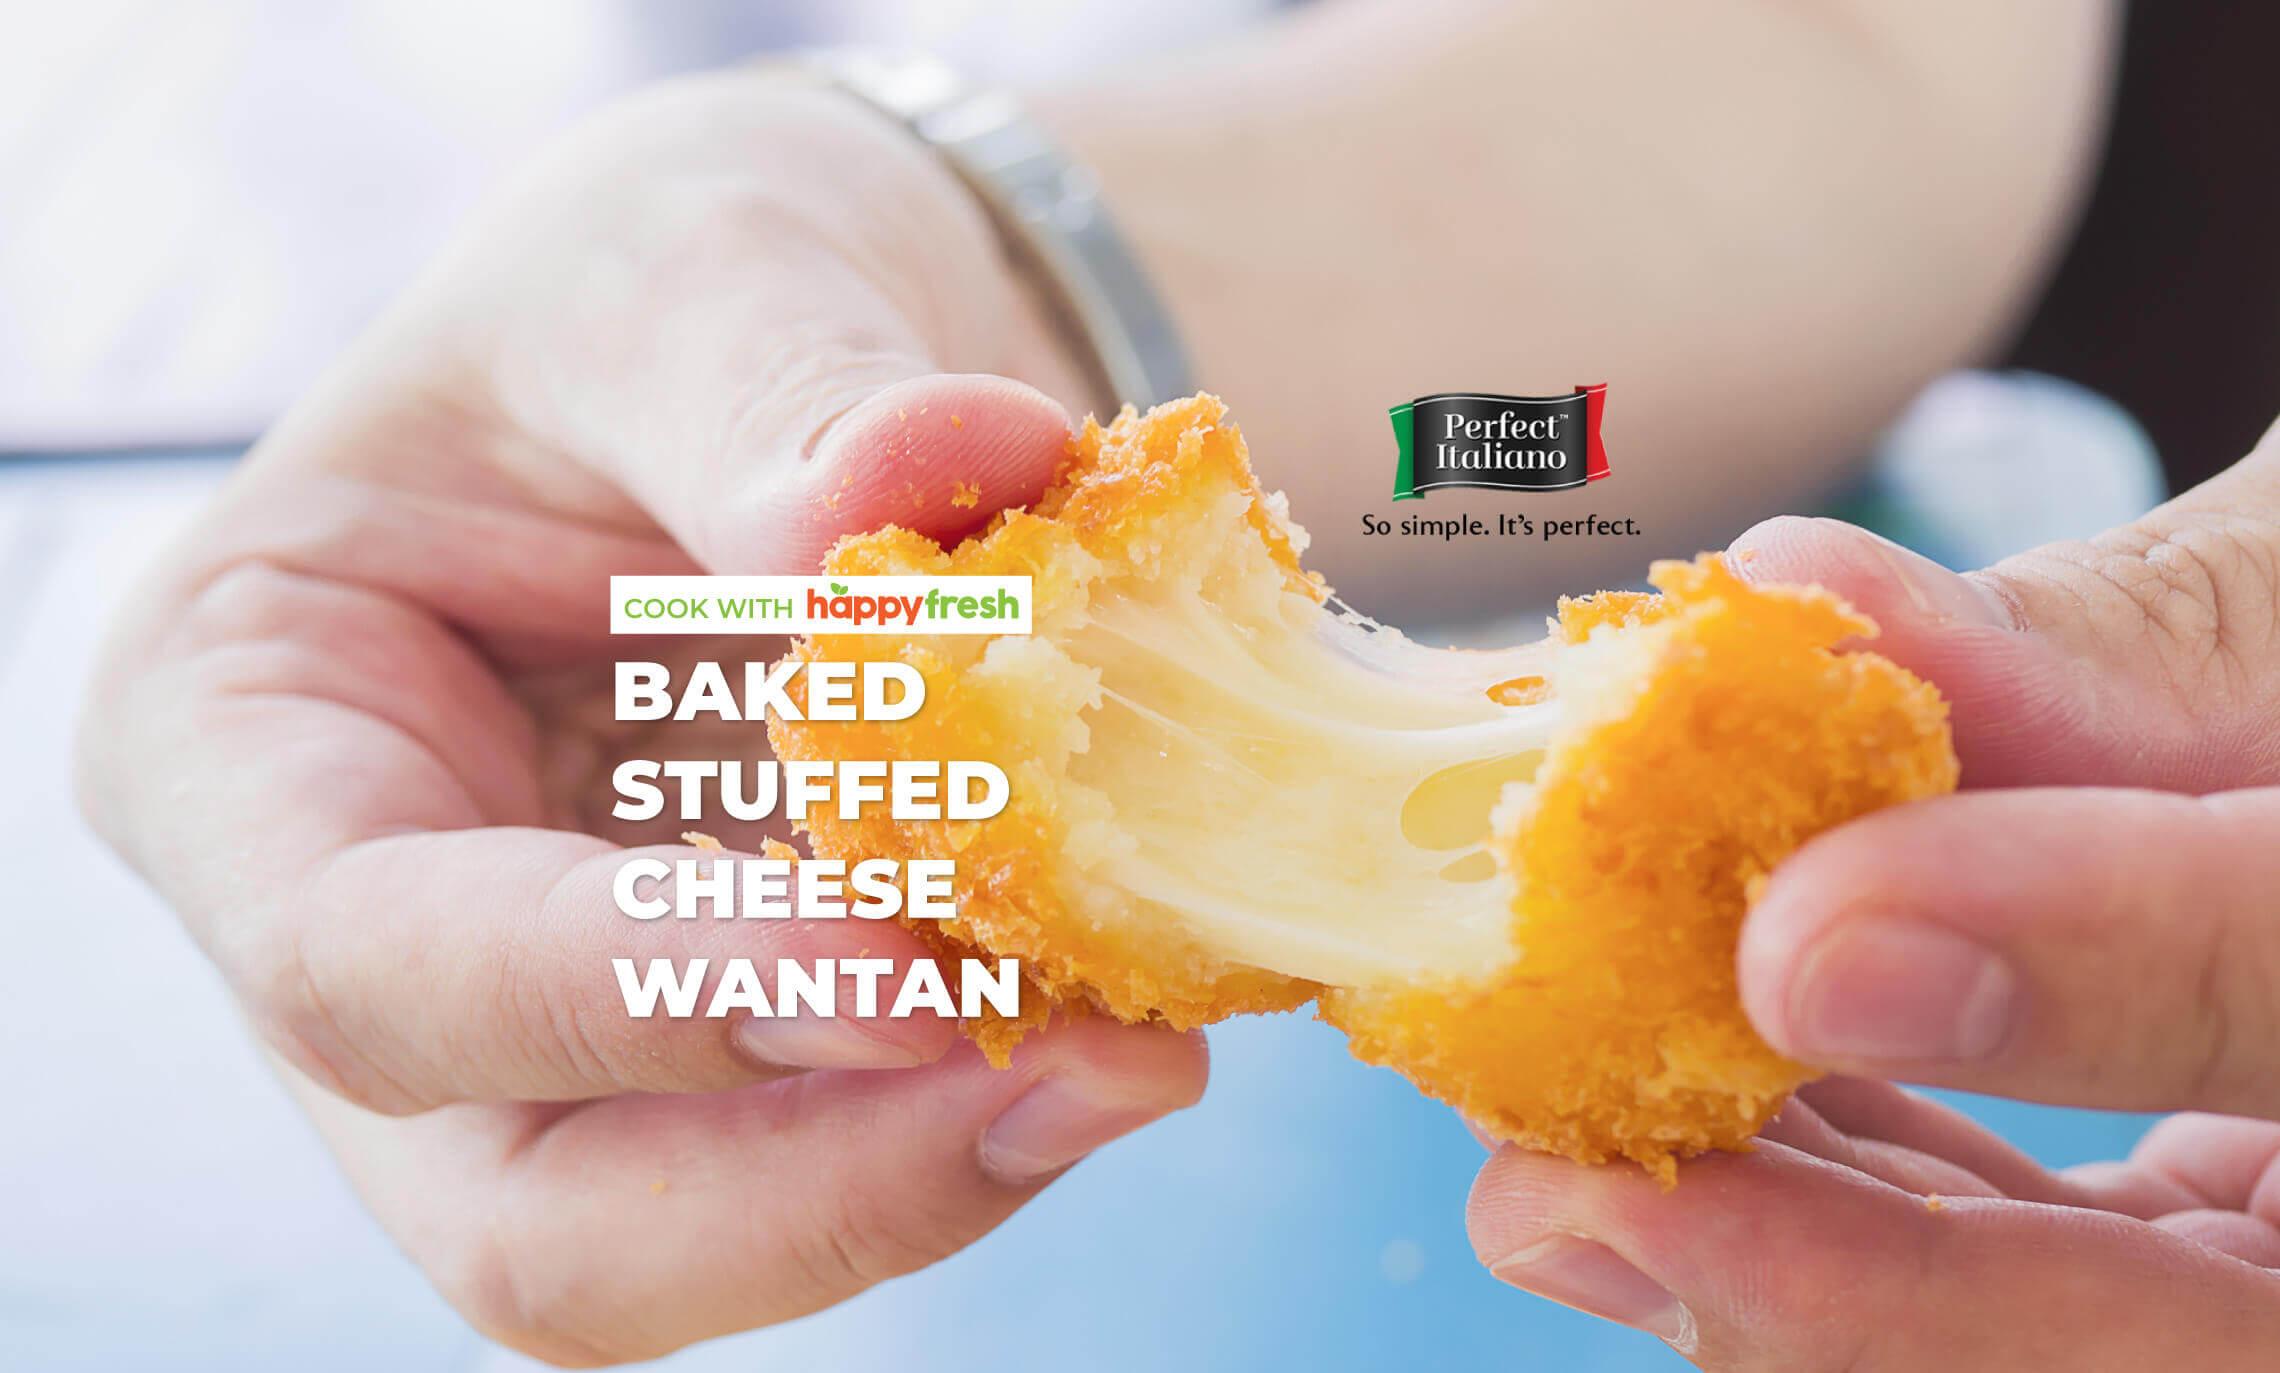 Baked cheese wantan